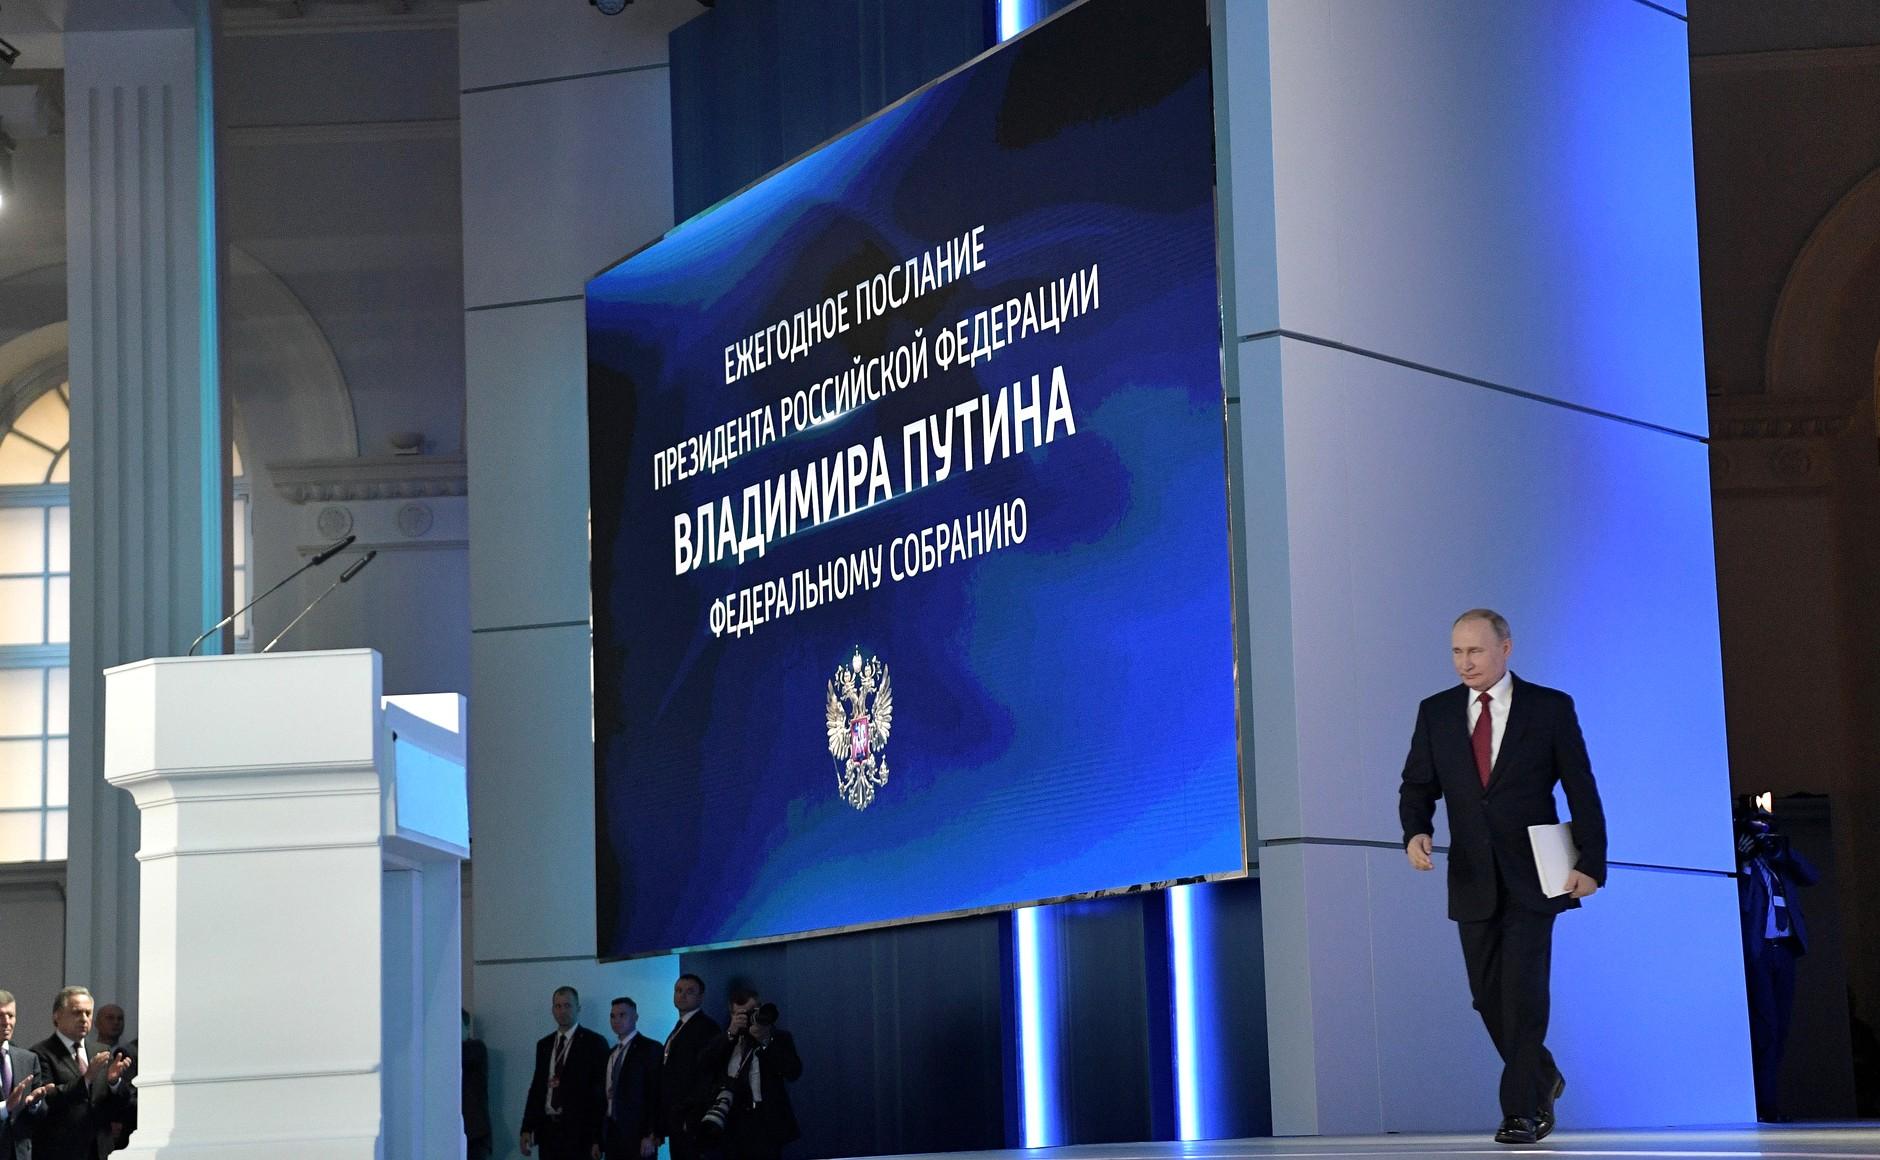 Ежегодное послание Владимира Путина 2020